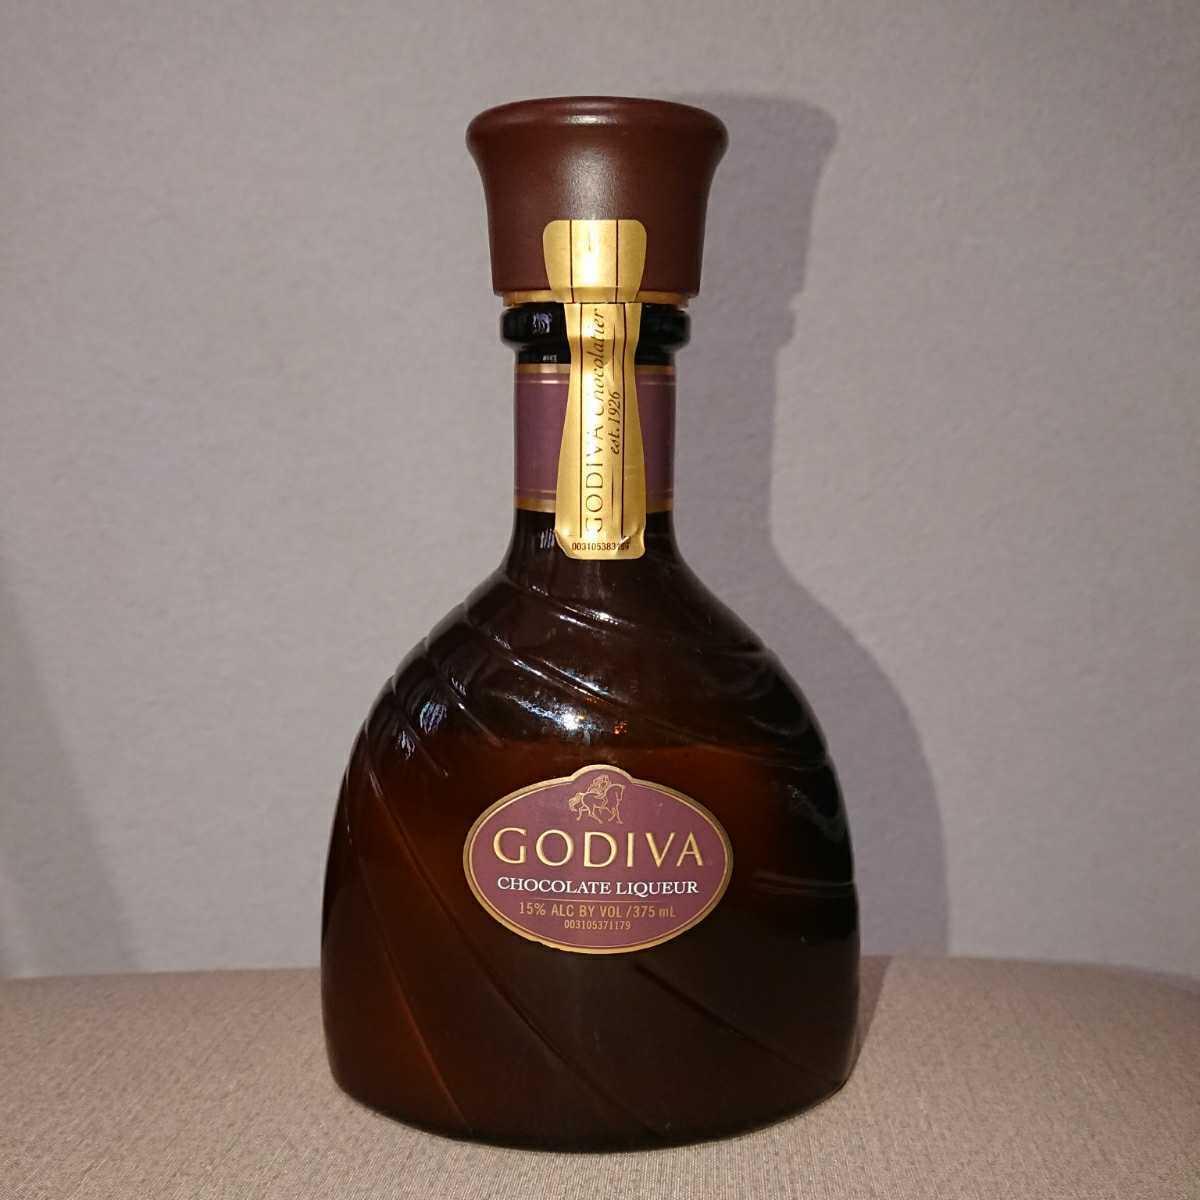 【送料無料】GODIVA ゴディバ チョコレートリキュール 箱無し 開封済 残量約半分_画像1